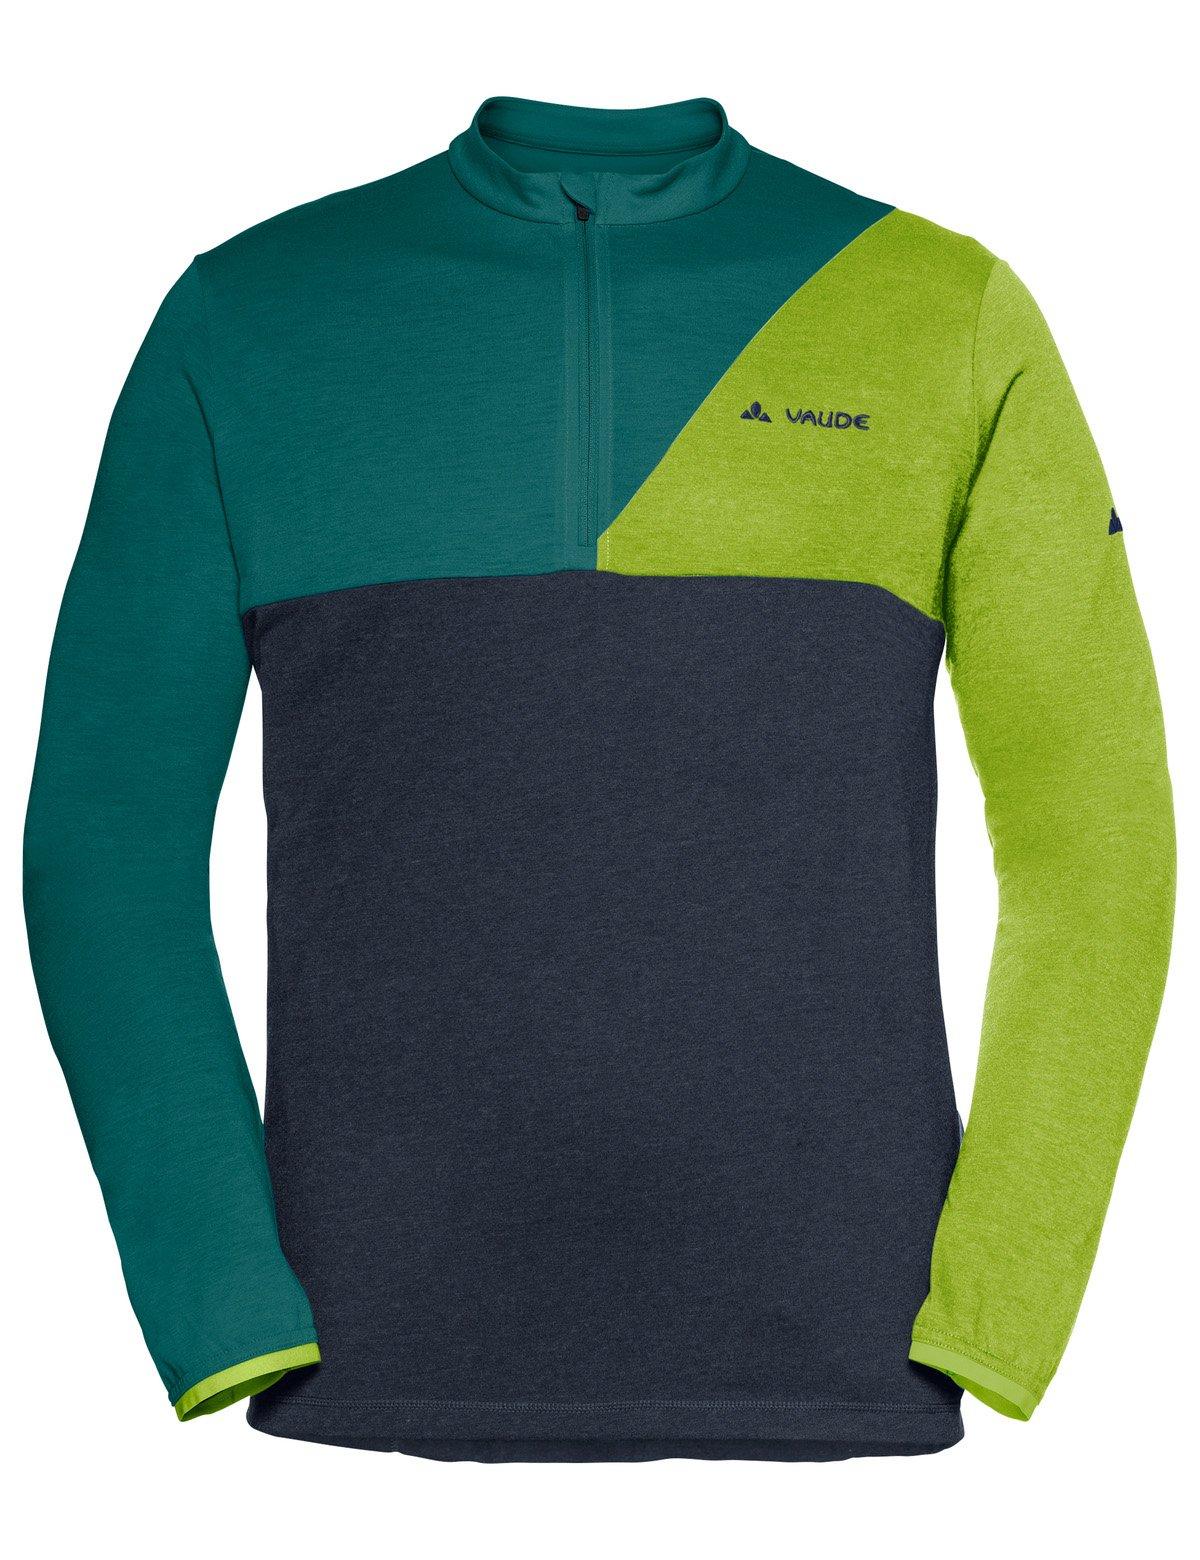 Vaude Tremalzo cykeltrøje med lange ærmer grøn | Trøjer